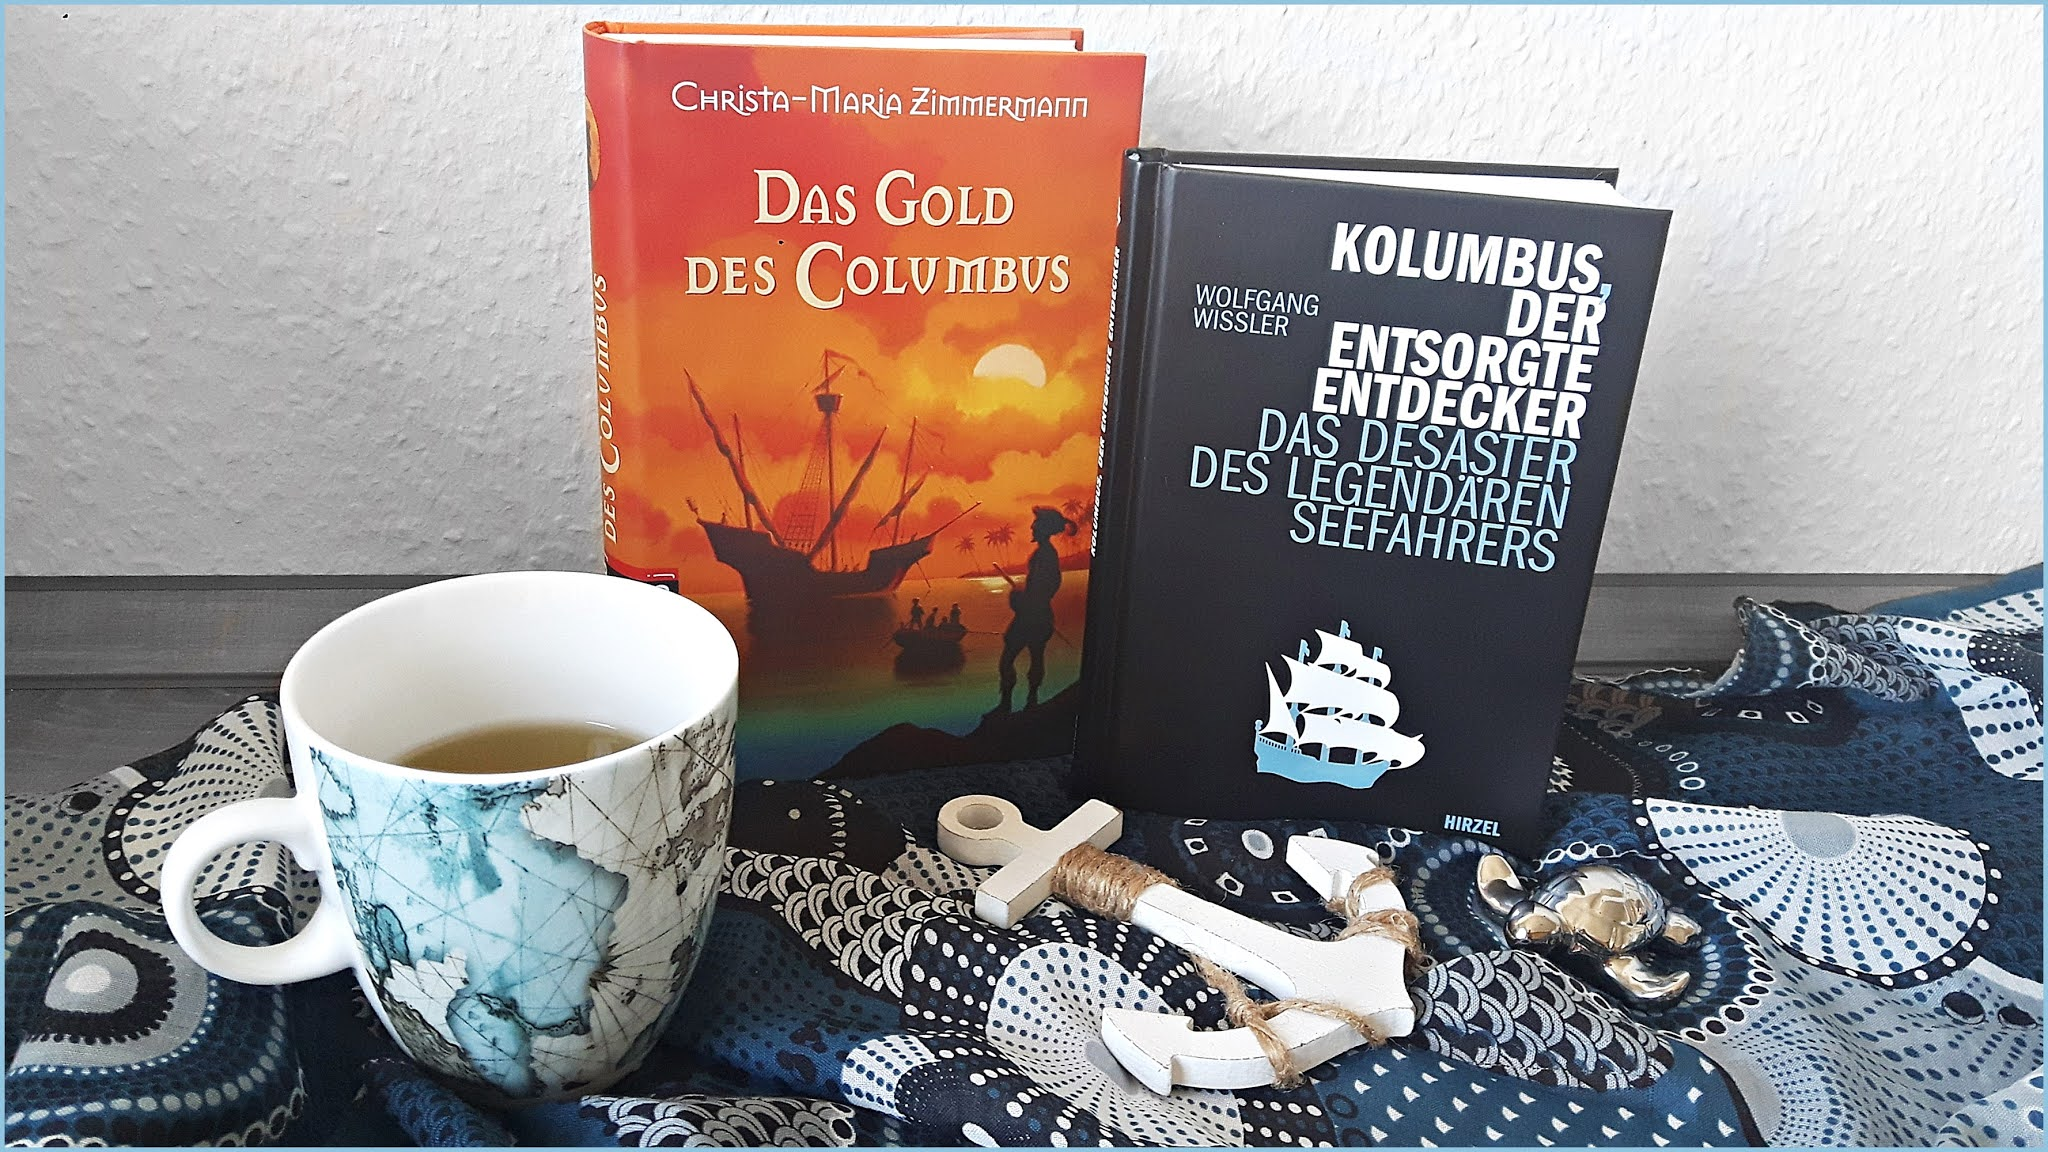 {LiebLink} Warum Kolumbus (mit)verantwortlich ist ~ kritische Lektüre